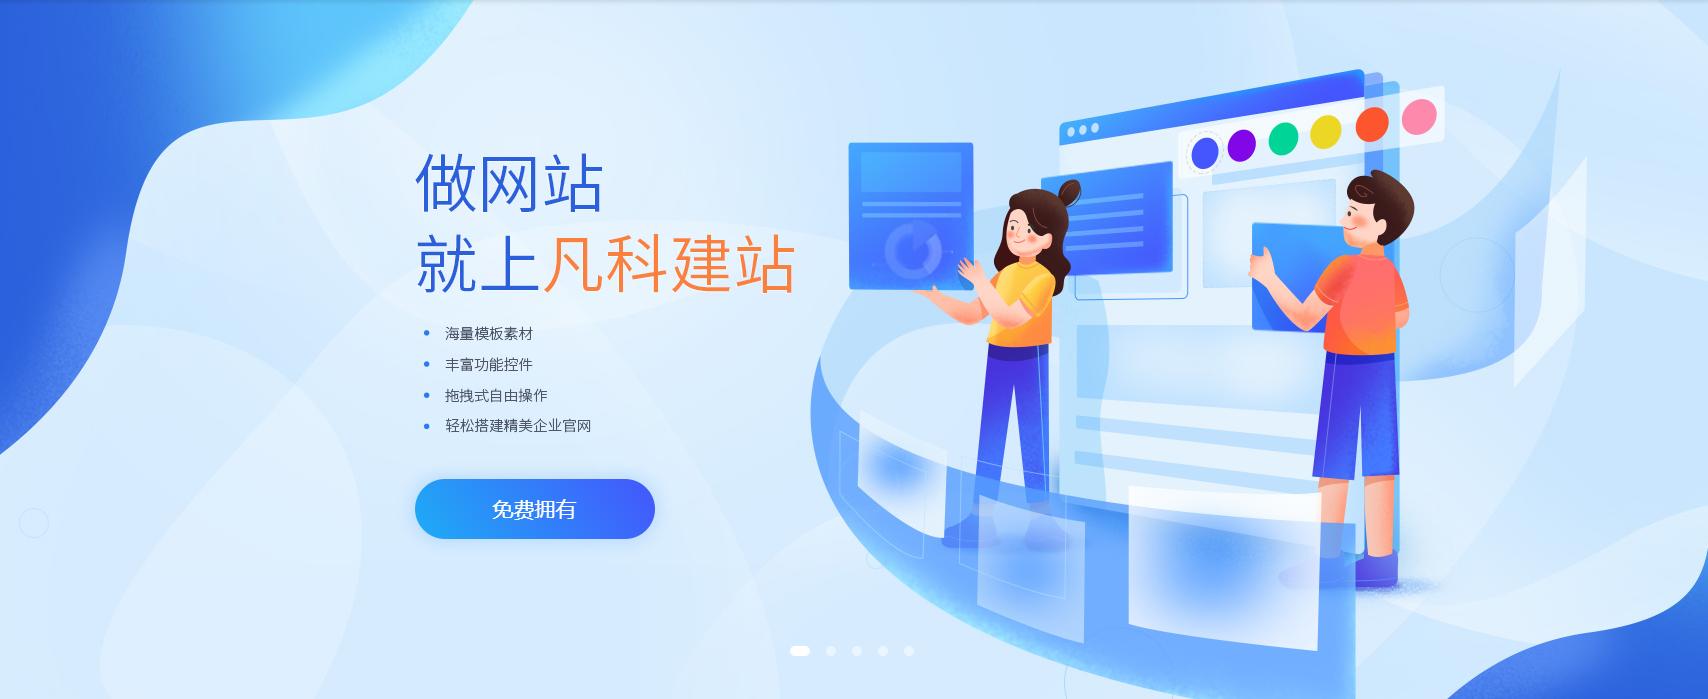 网站模板UI设计